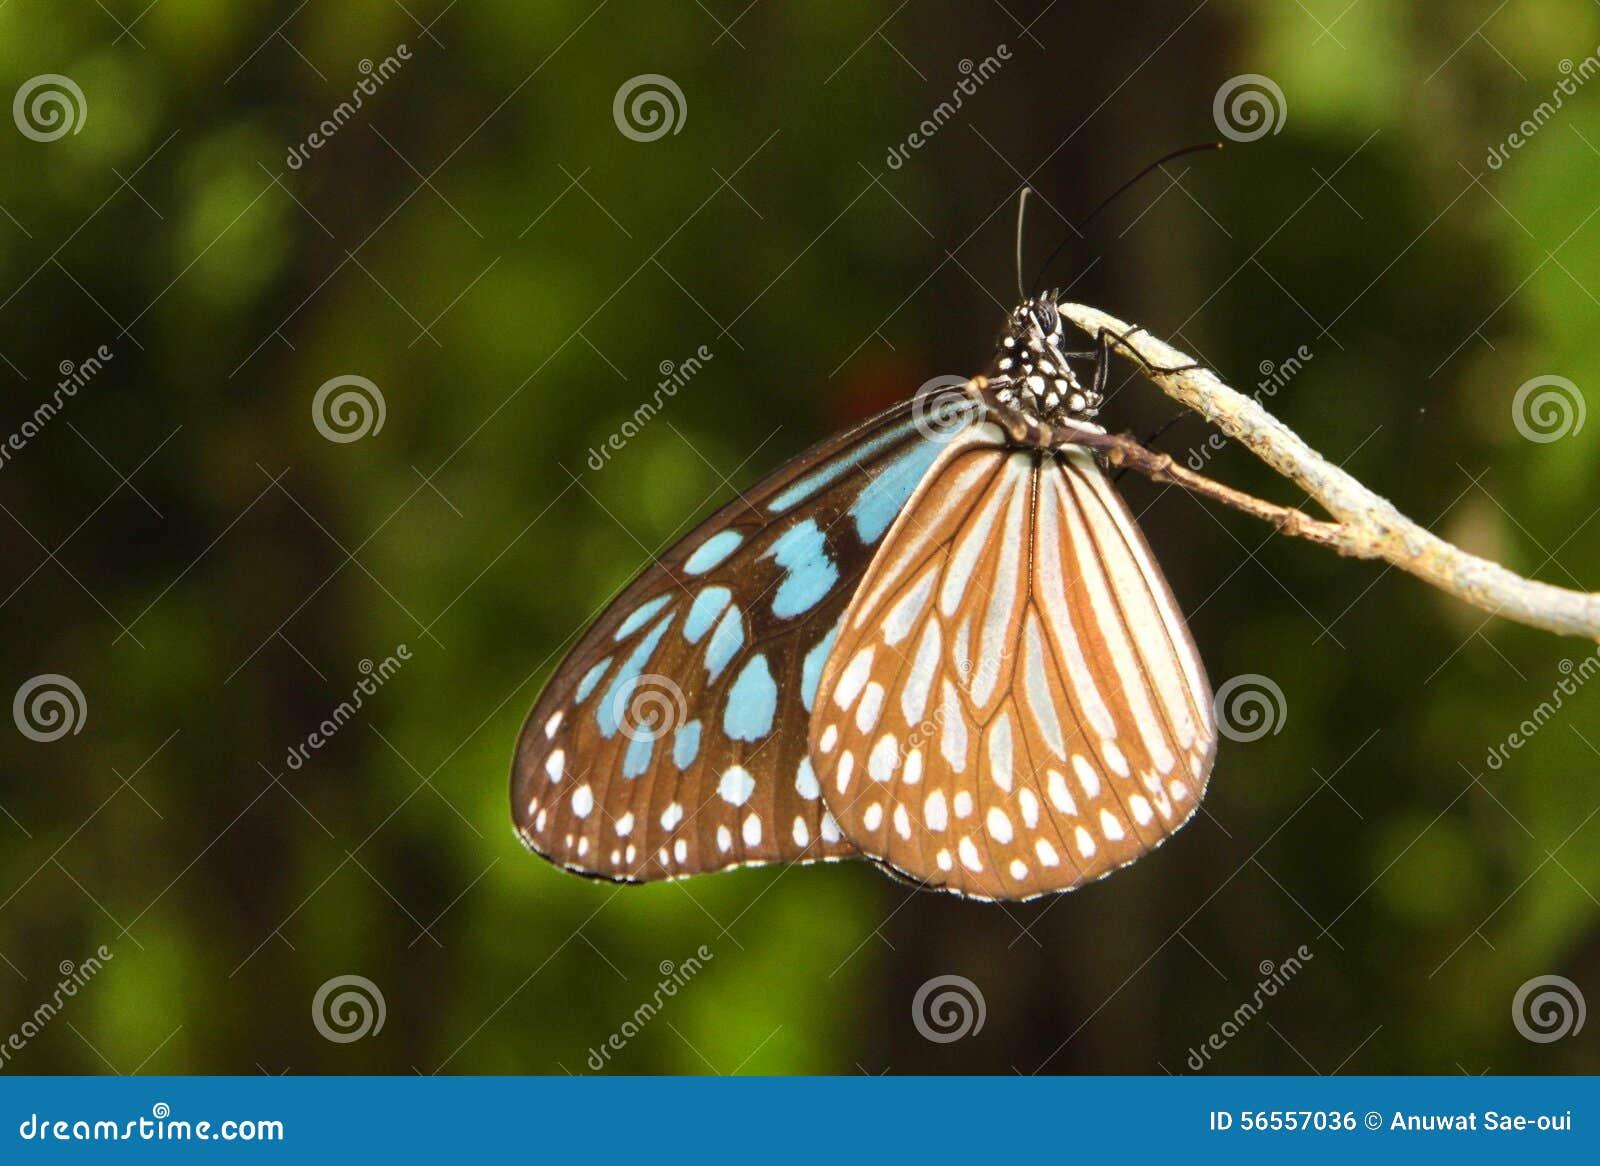 Download Πεταλούδα στη φύση στοκ εικόνες. εικόνα από εποχή, πεταλούδα - 56557036